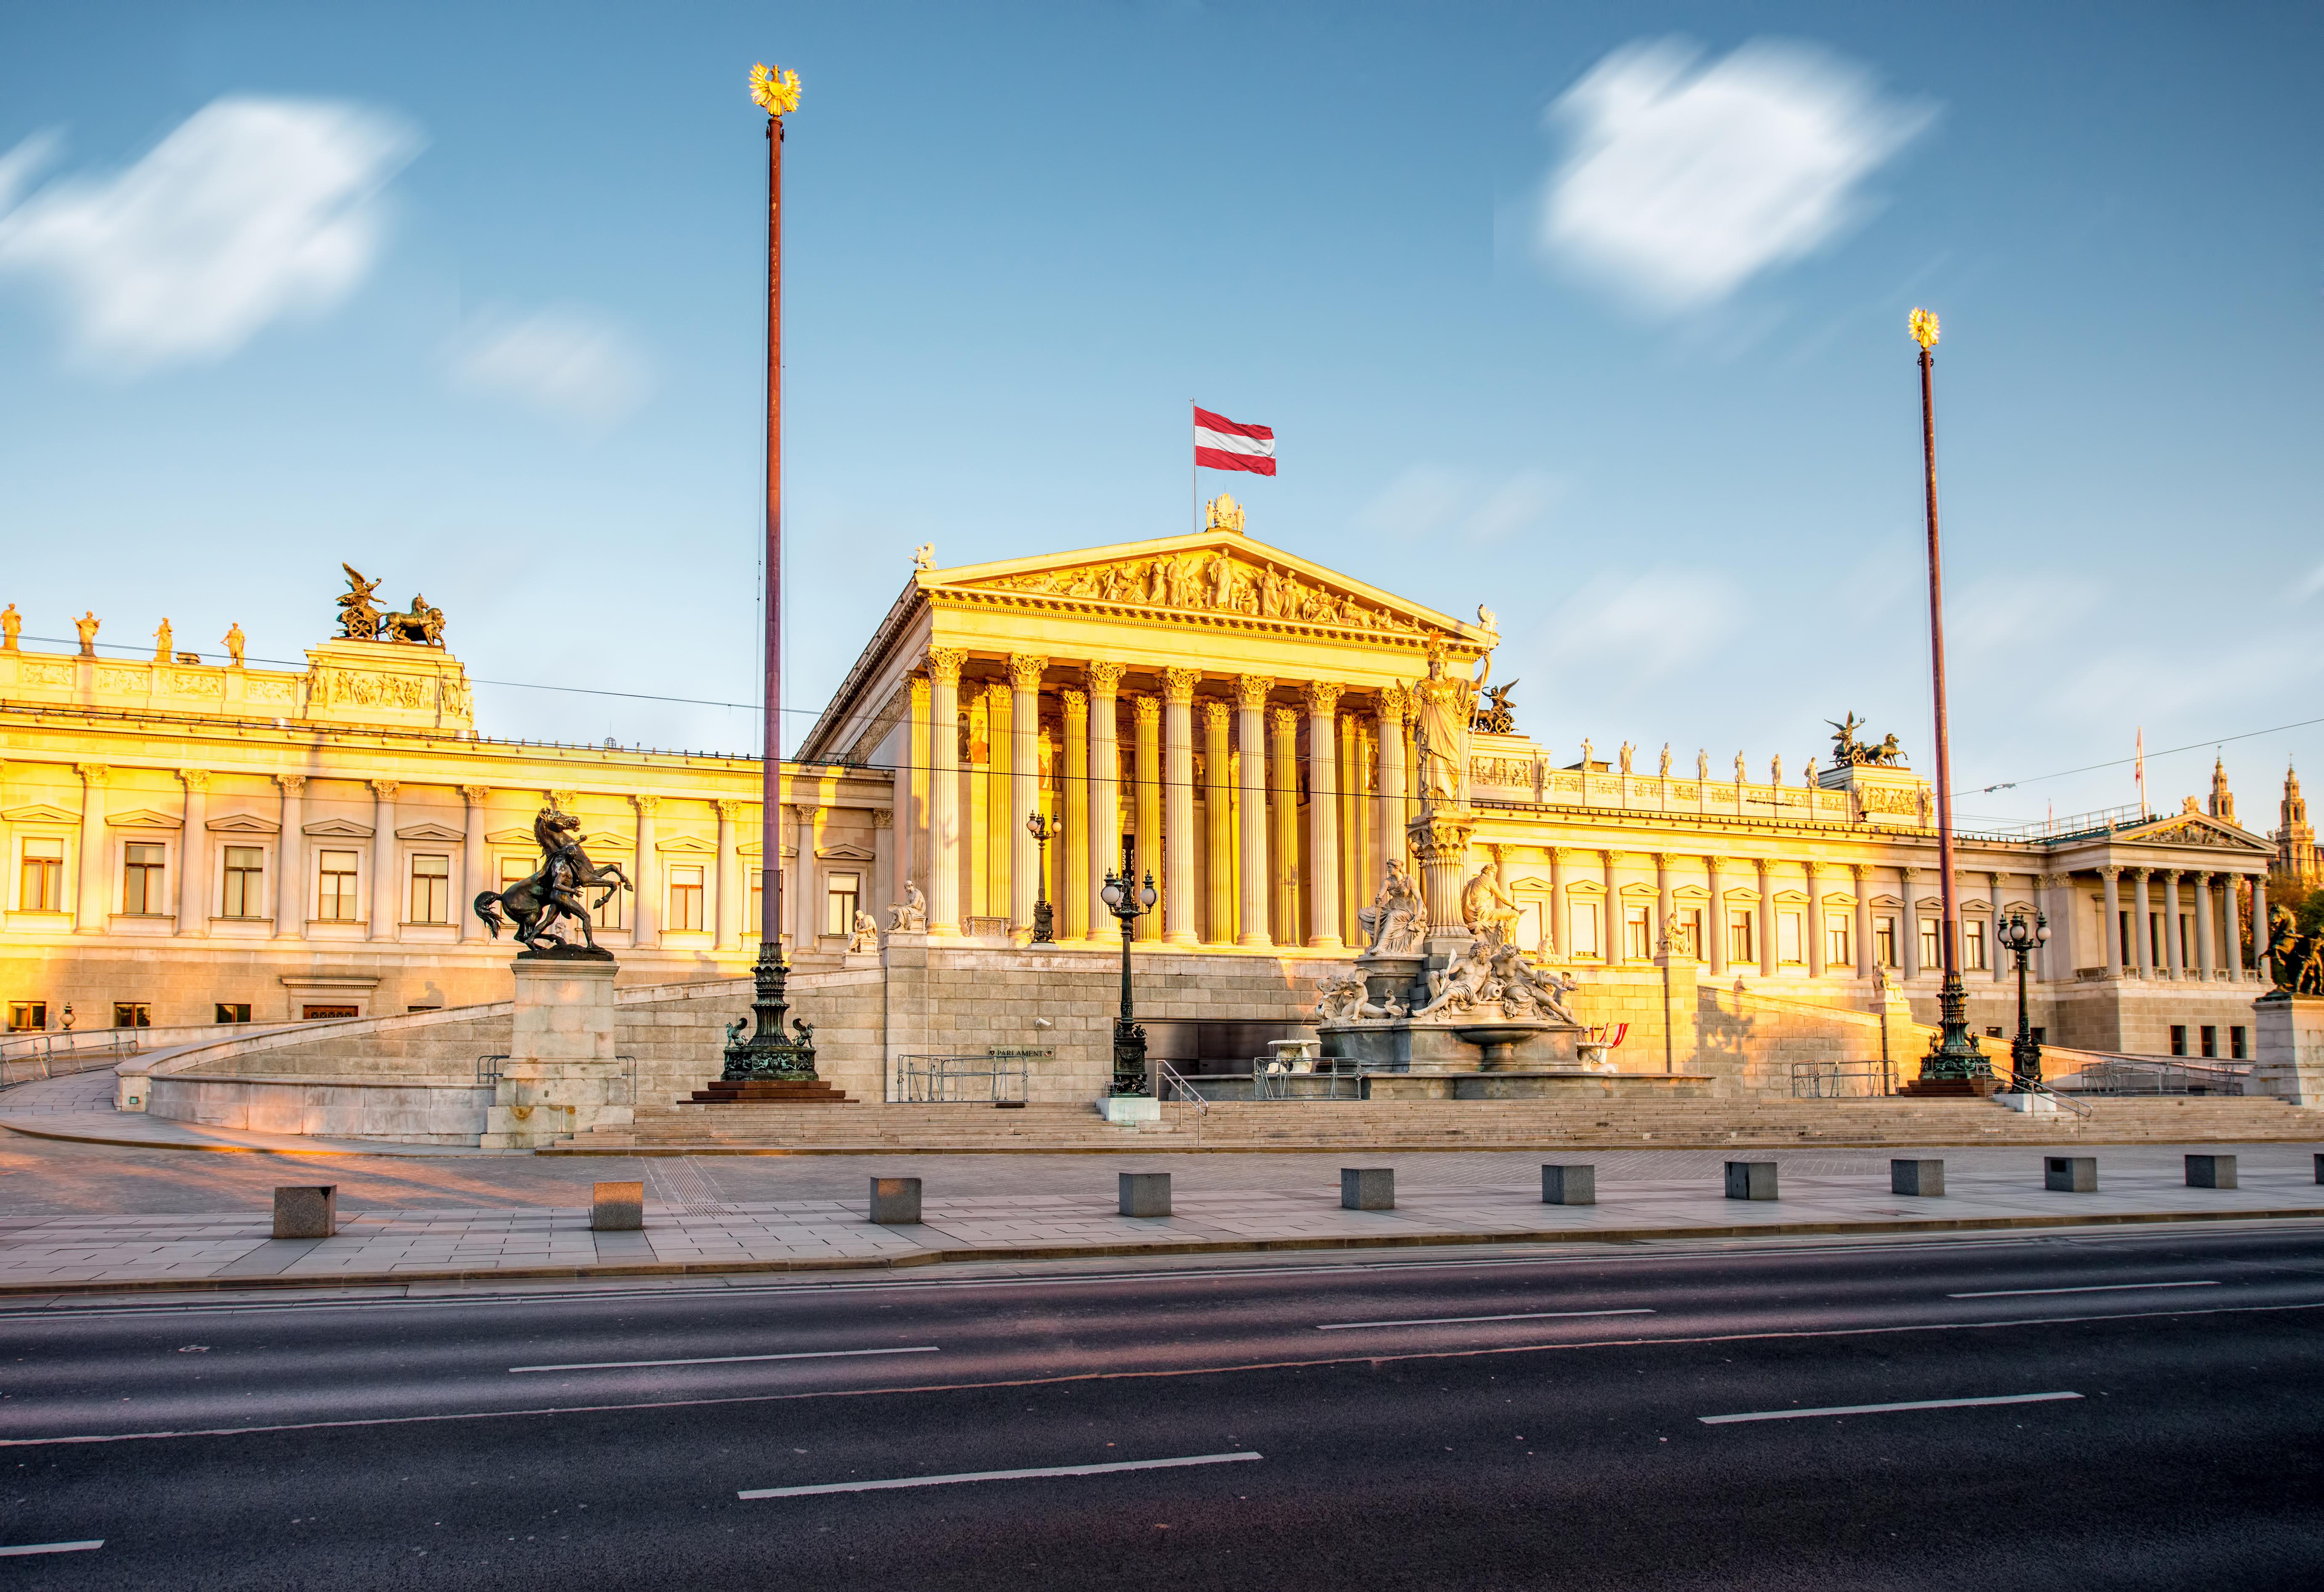 Флаг на здании Парламента в Австрии, ПМЖ которой могут получить иностранцы